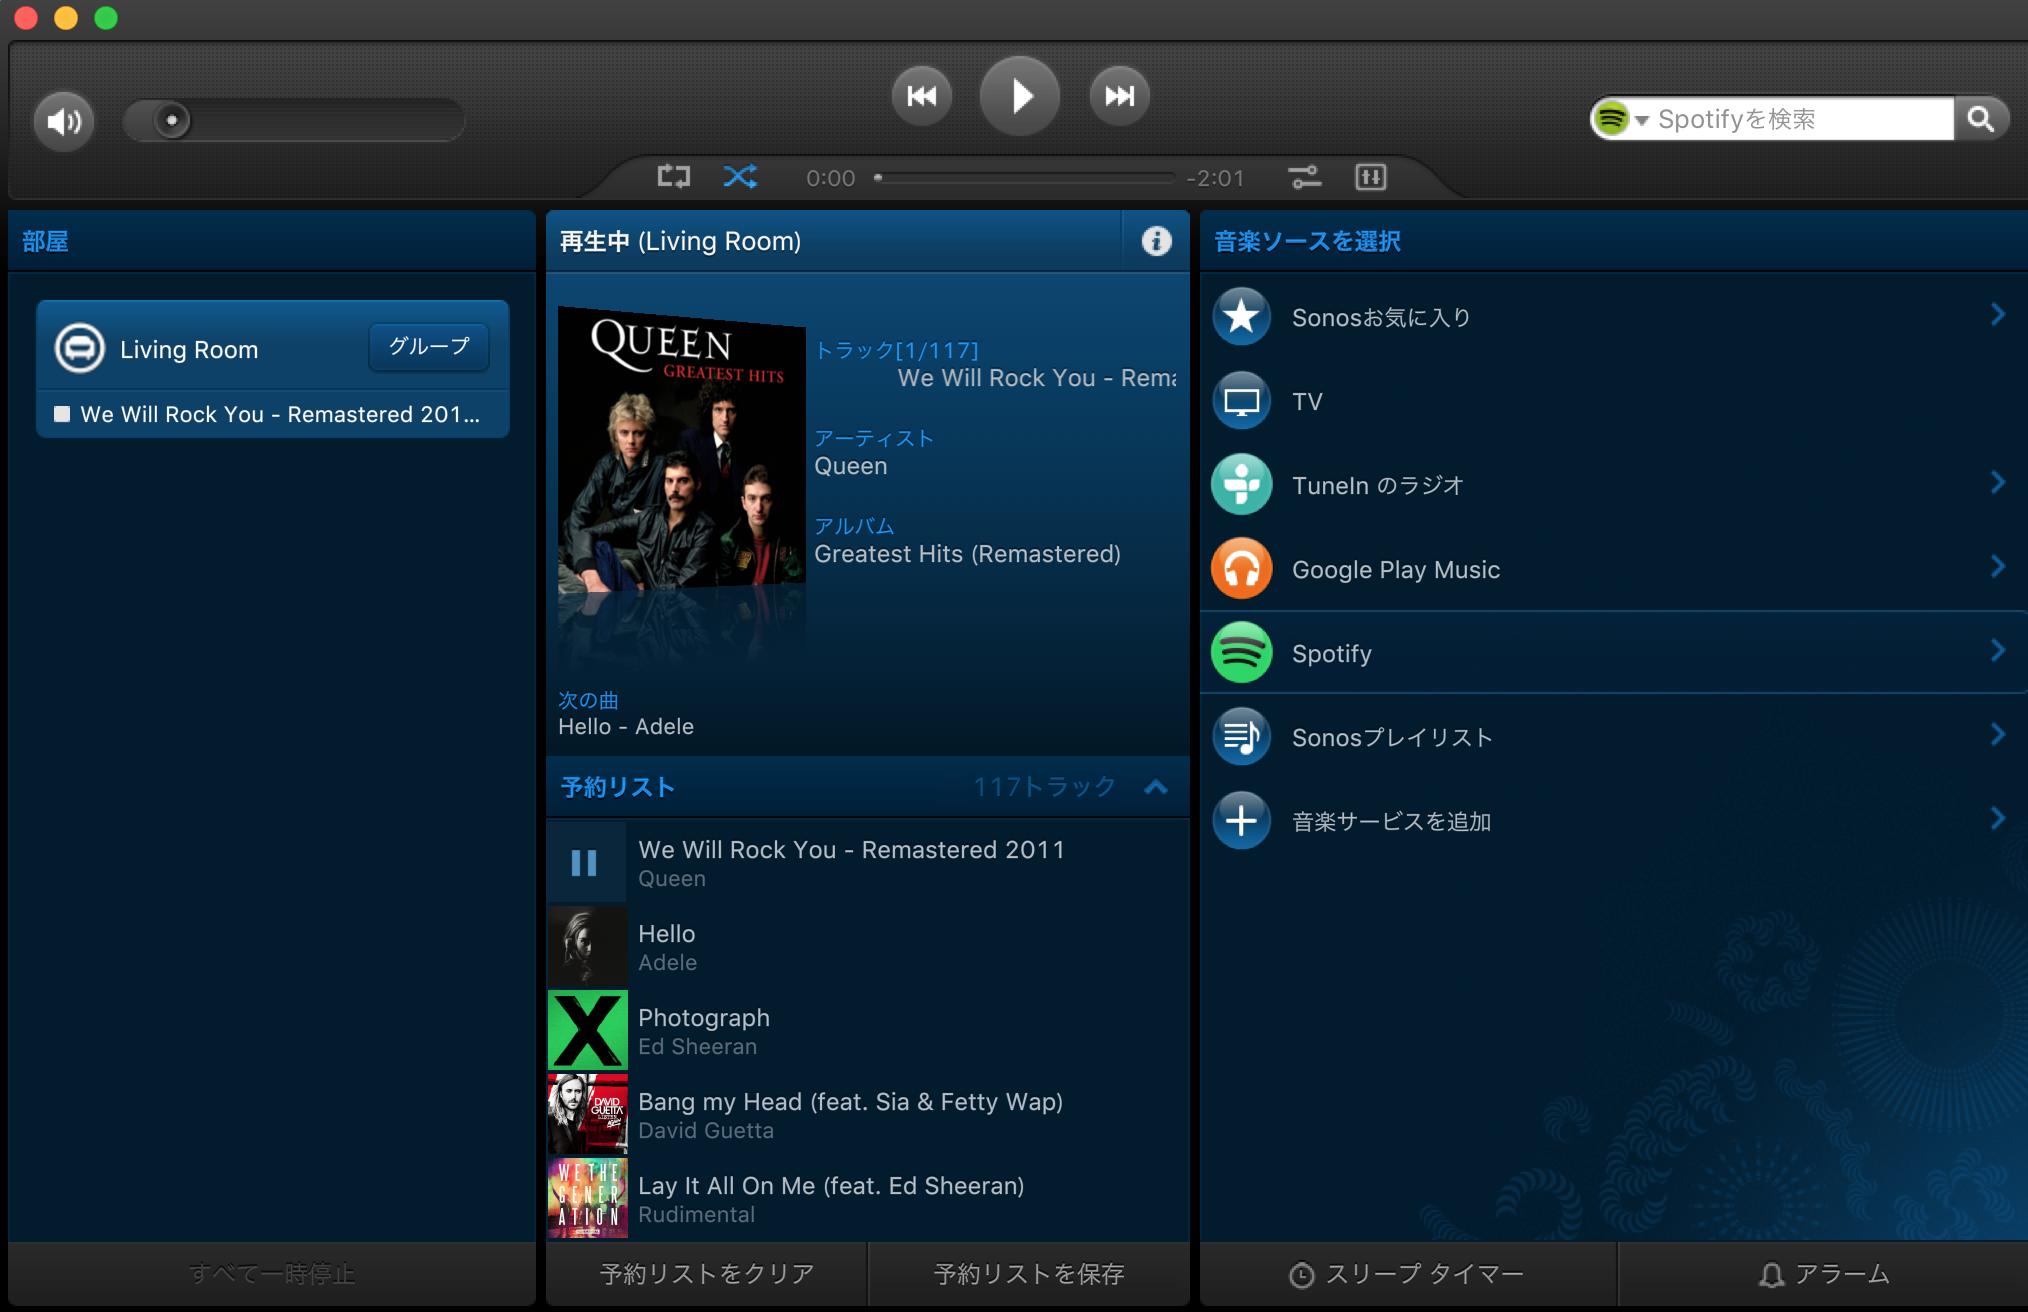 SONOSアプリから新たにSpotifyを登録すると「音楽ソース」の一つとして現れる!